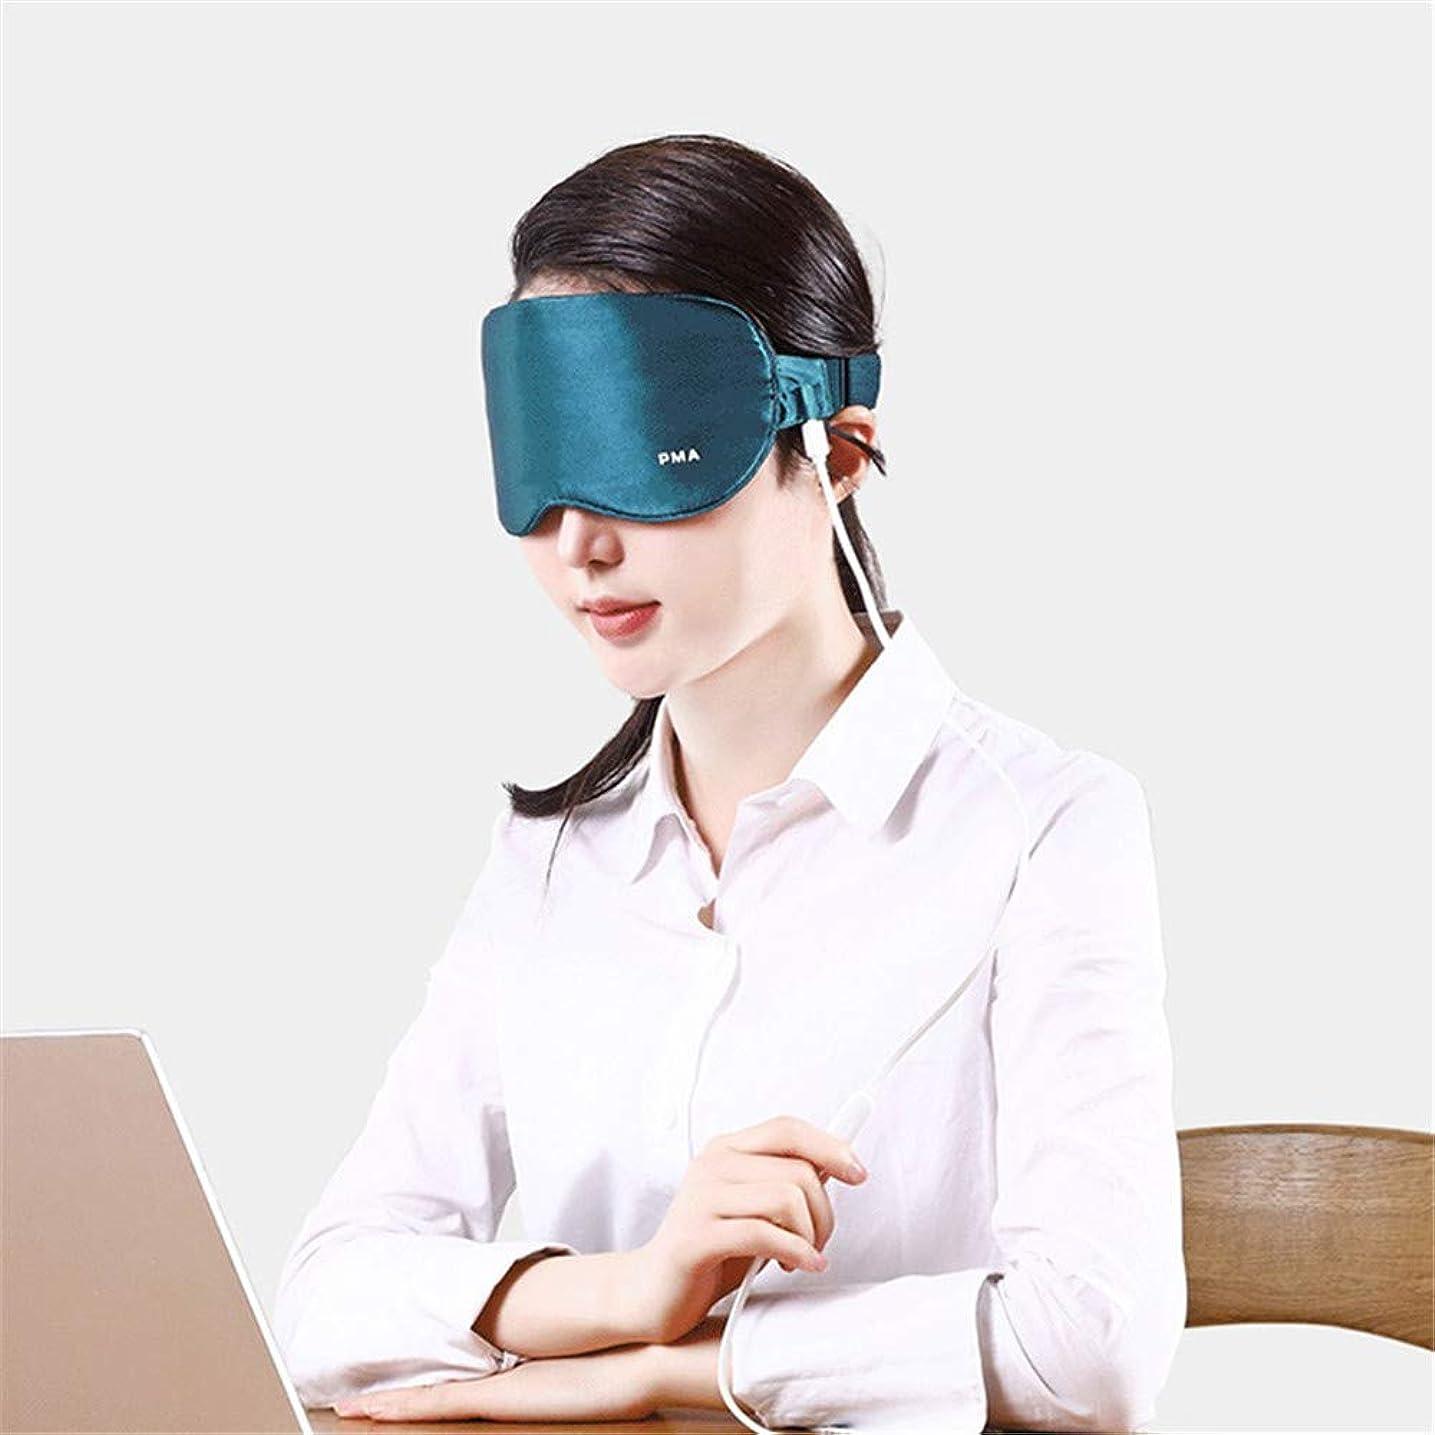 ワインアプトから注睡眠マスク睡眠アイマスクアイシェードカバーシェードアイパッチ女性男性ソフトポータブル目隠し旅行アイパッチアイケアツール